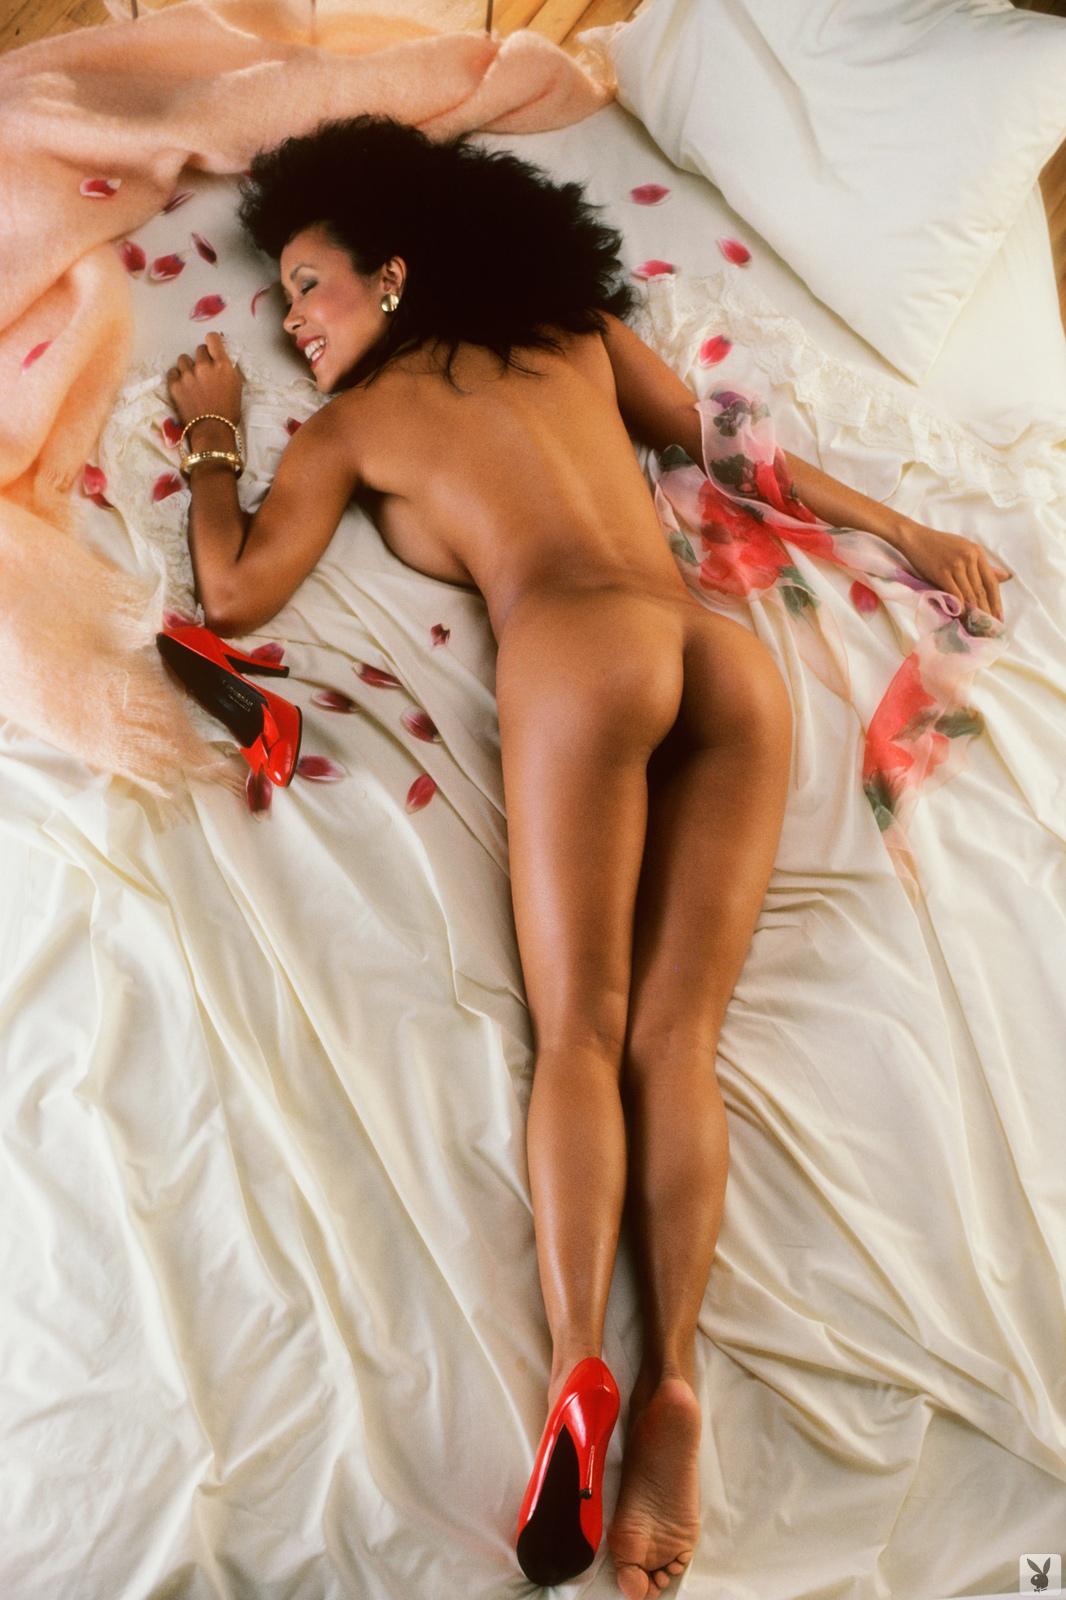 natalie from survivor nude